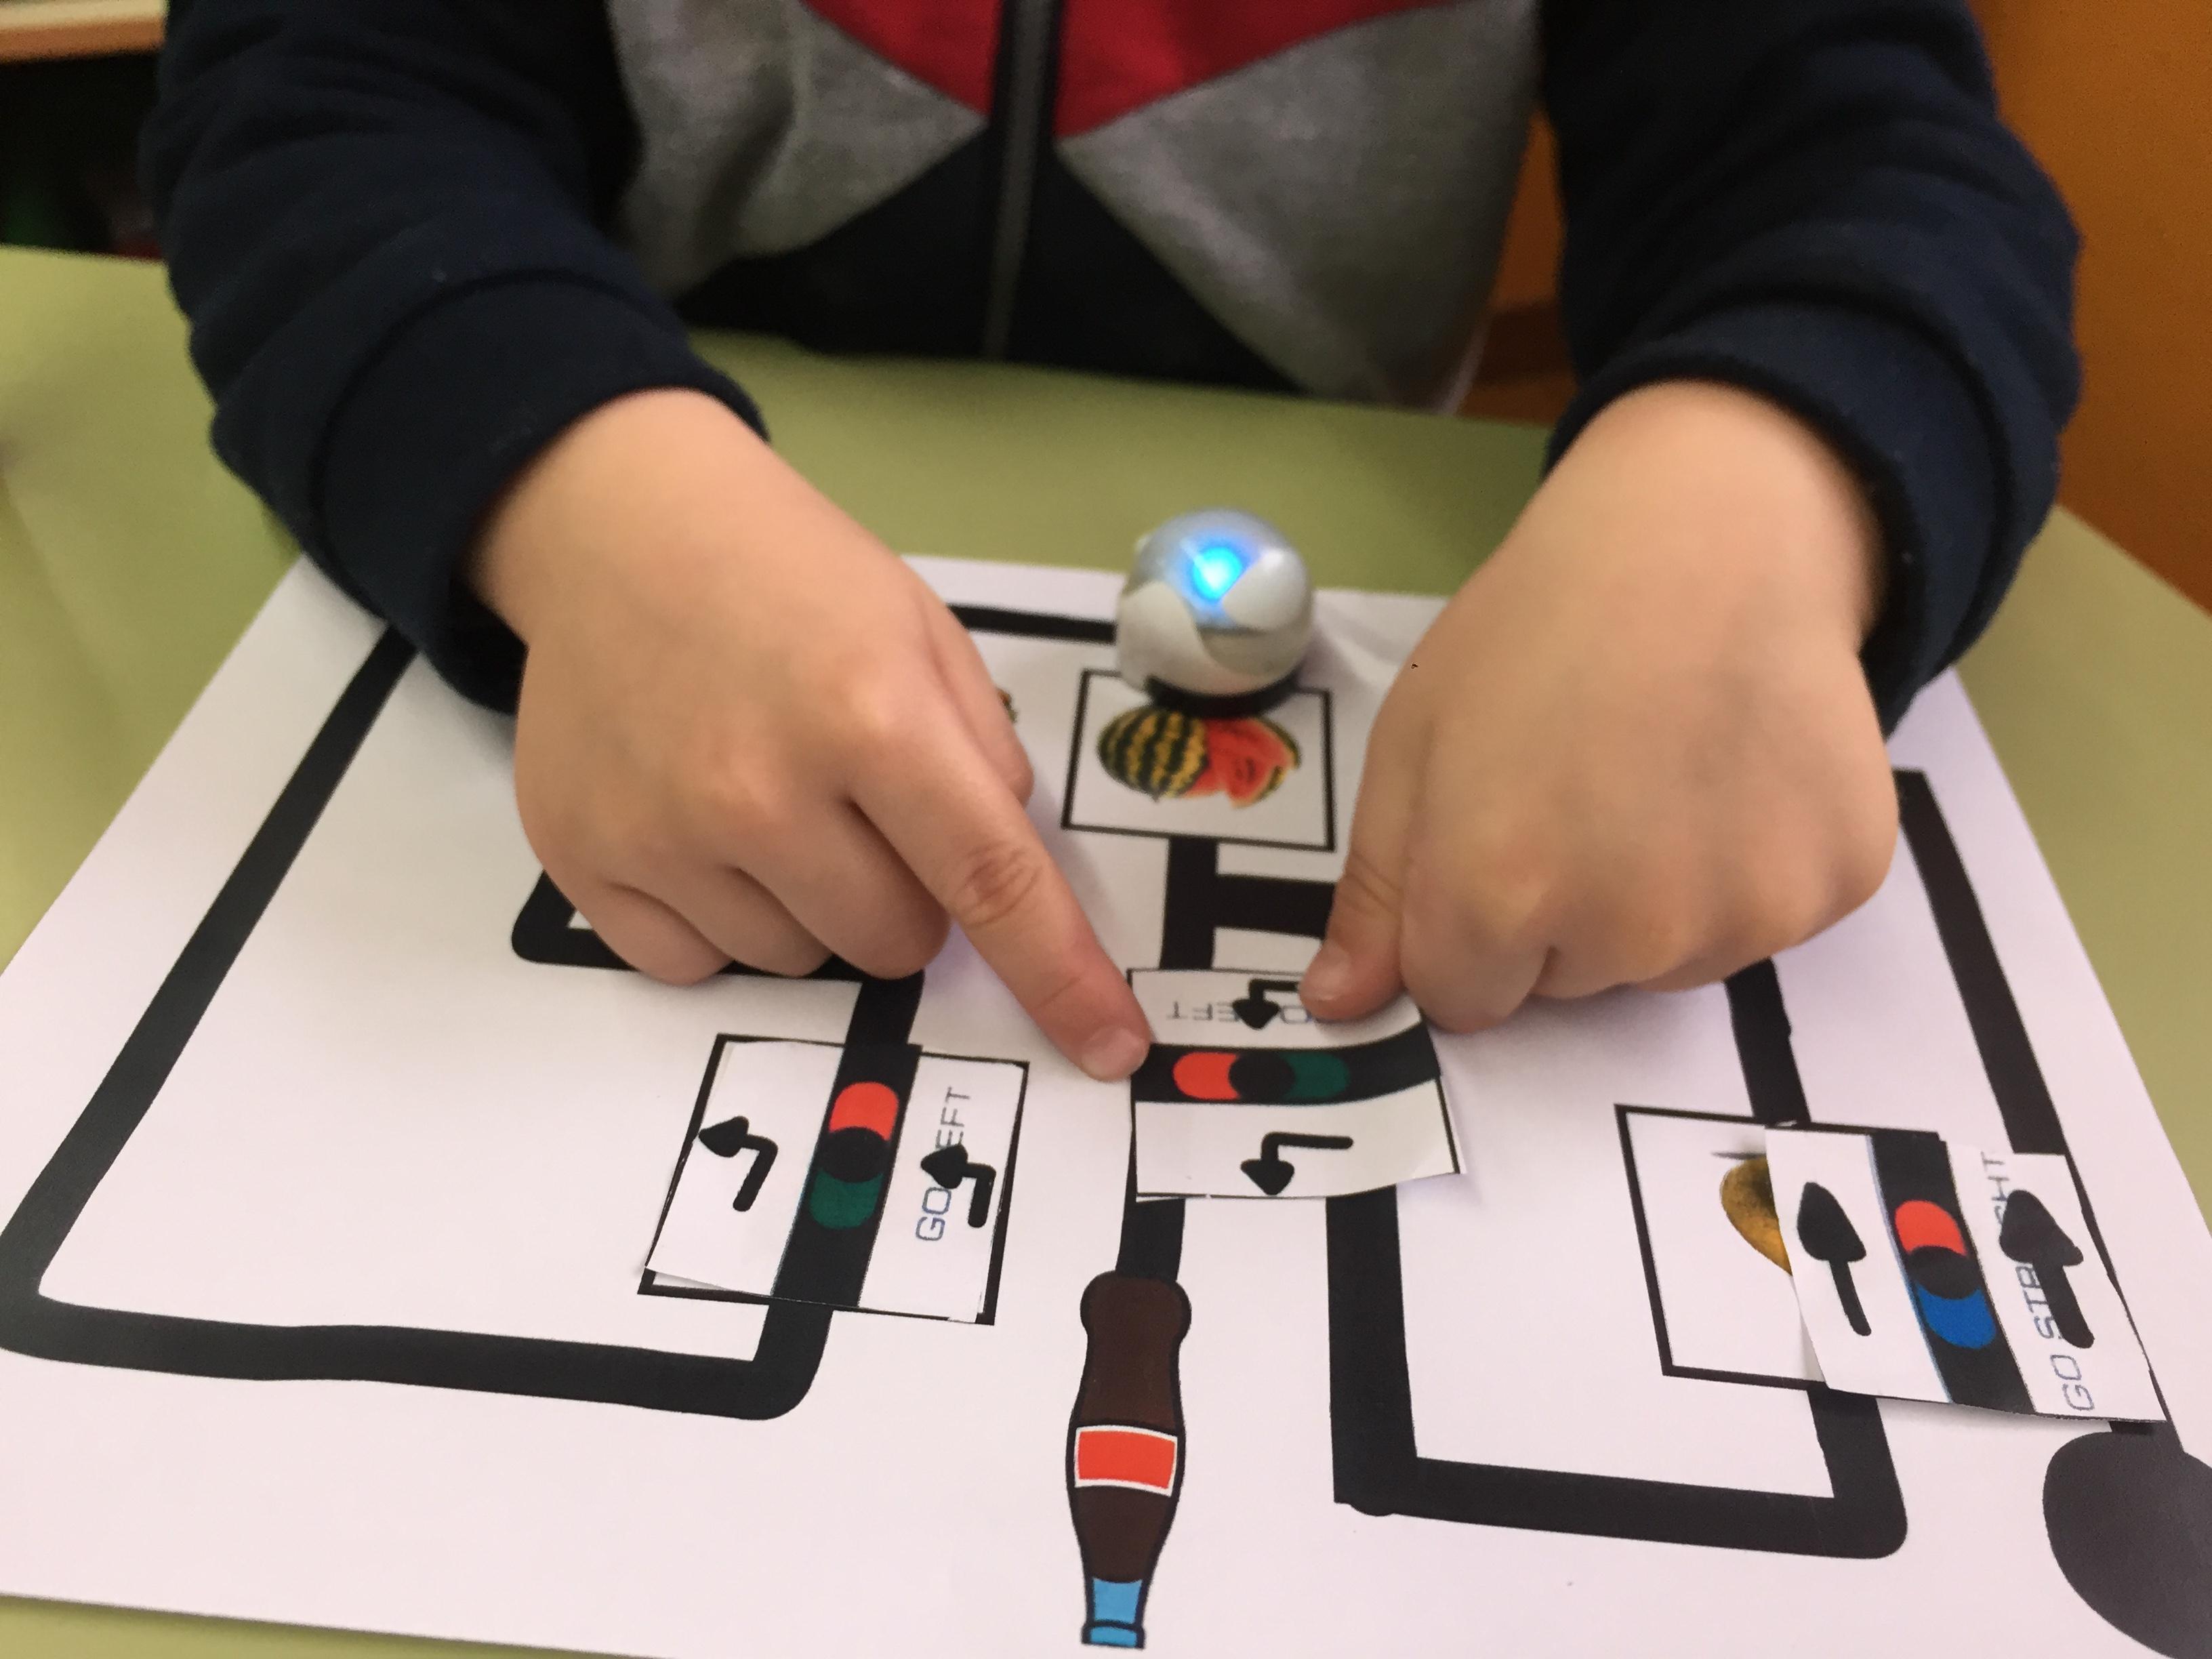 Programando el Ozobot con códigos de colores.